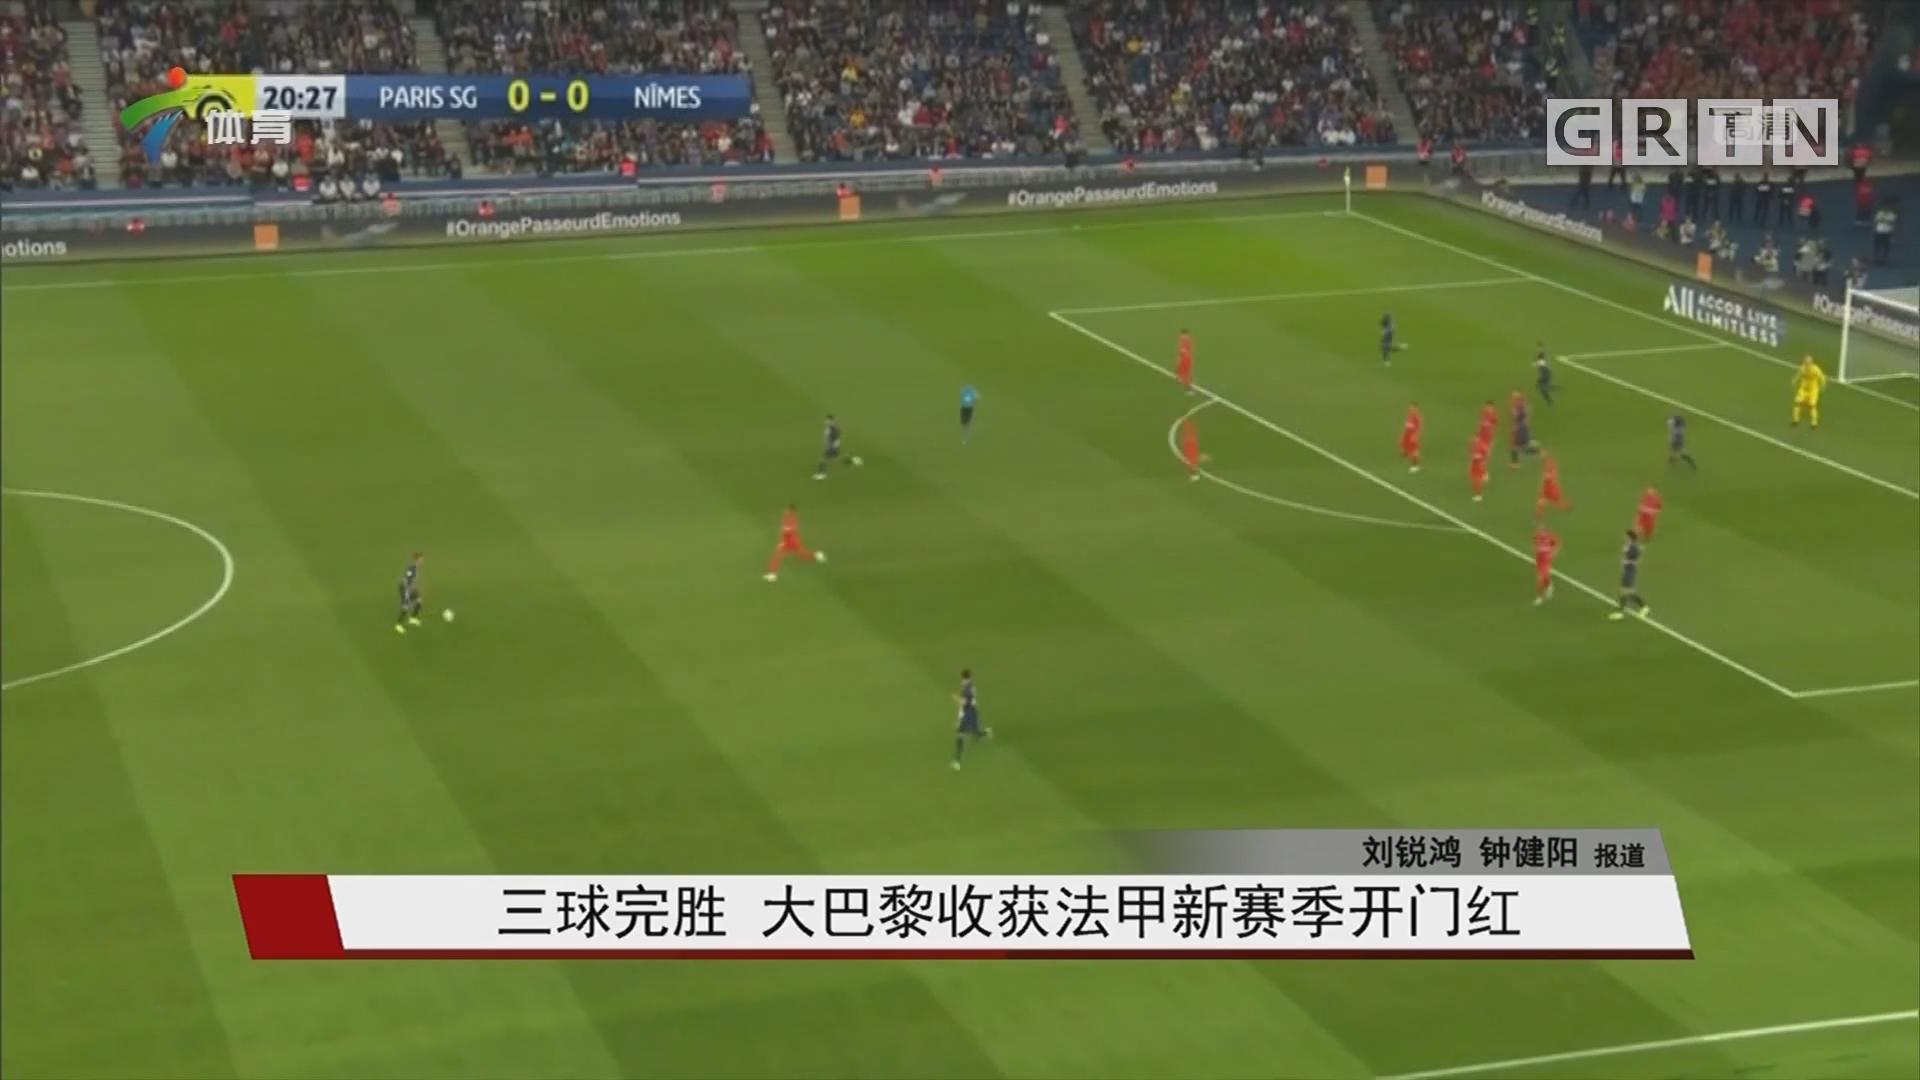 三球完胜 大巴黎收获法甲新赛季开门红